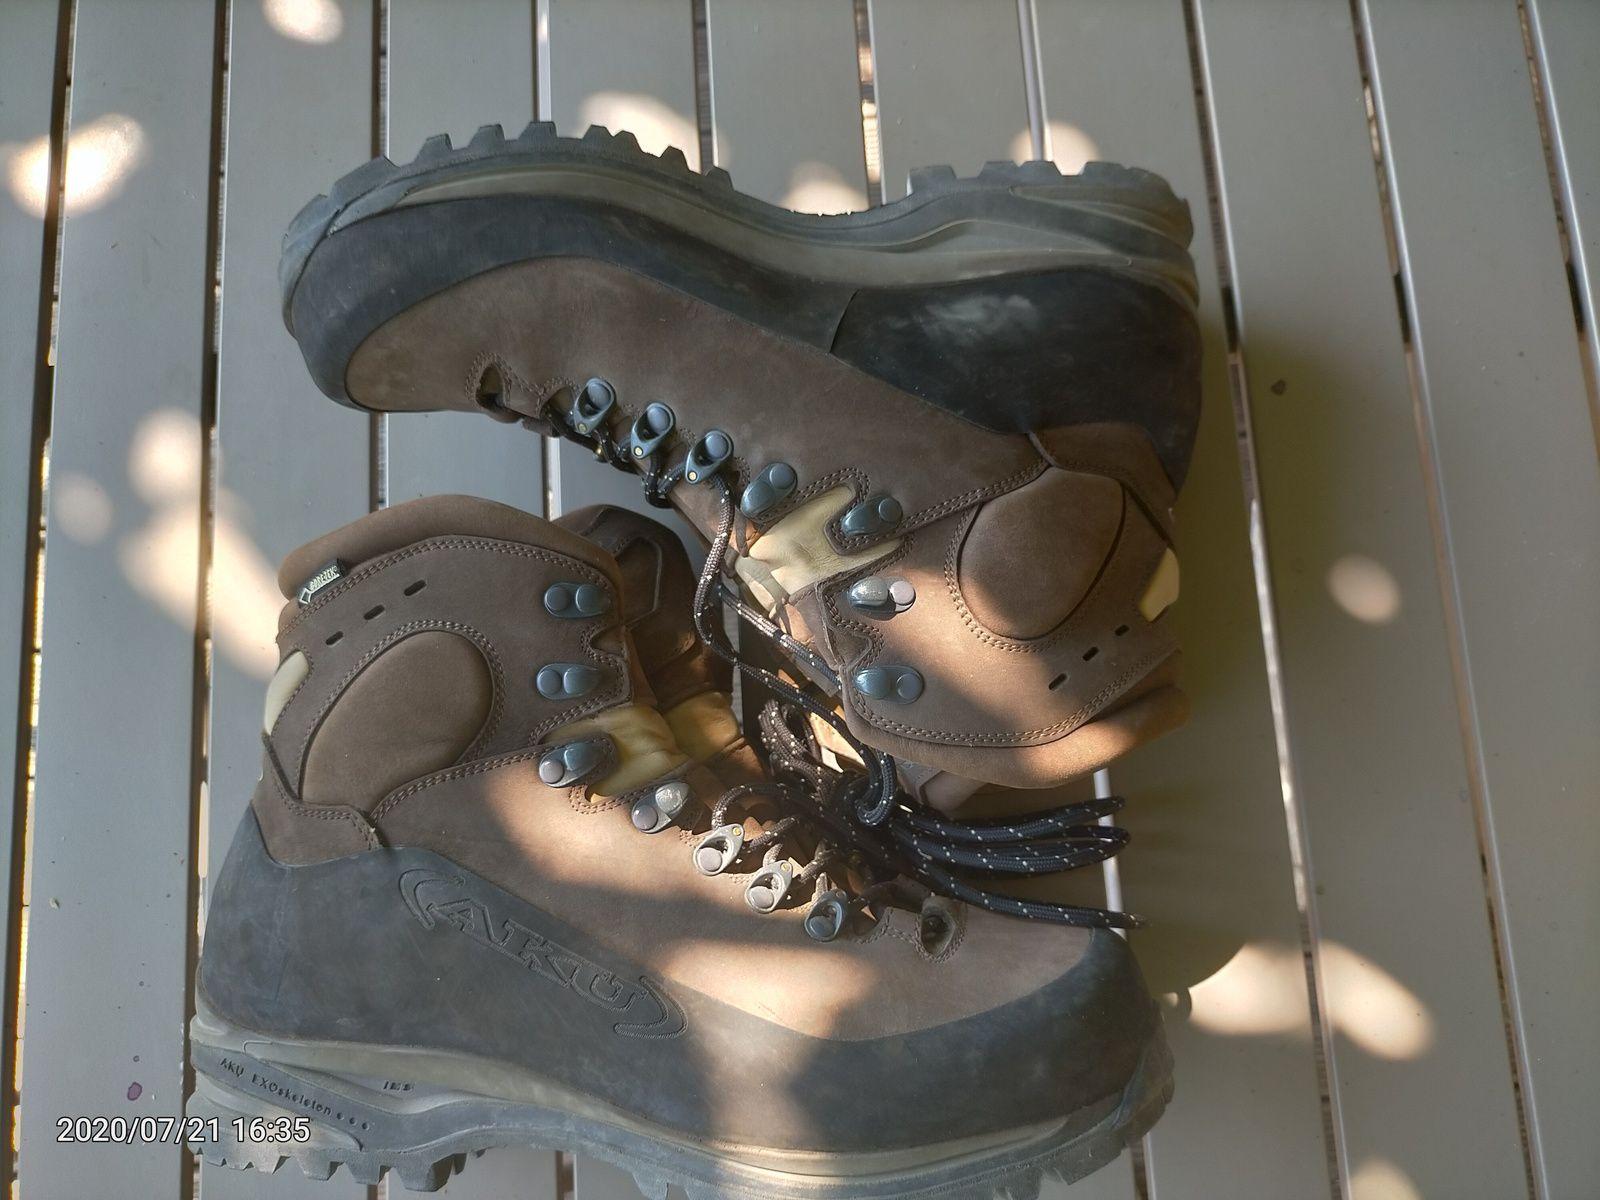 Chaussure de marche utilisées une sortie, taille  9 UK ( 43) , pied moyen, cuir pleine fleur, doublure Goretex, semelle Vibram, excellent amortie. Prix 100€